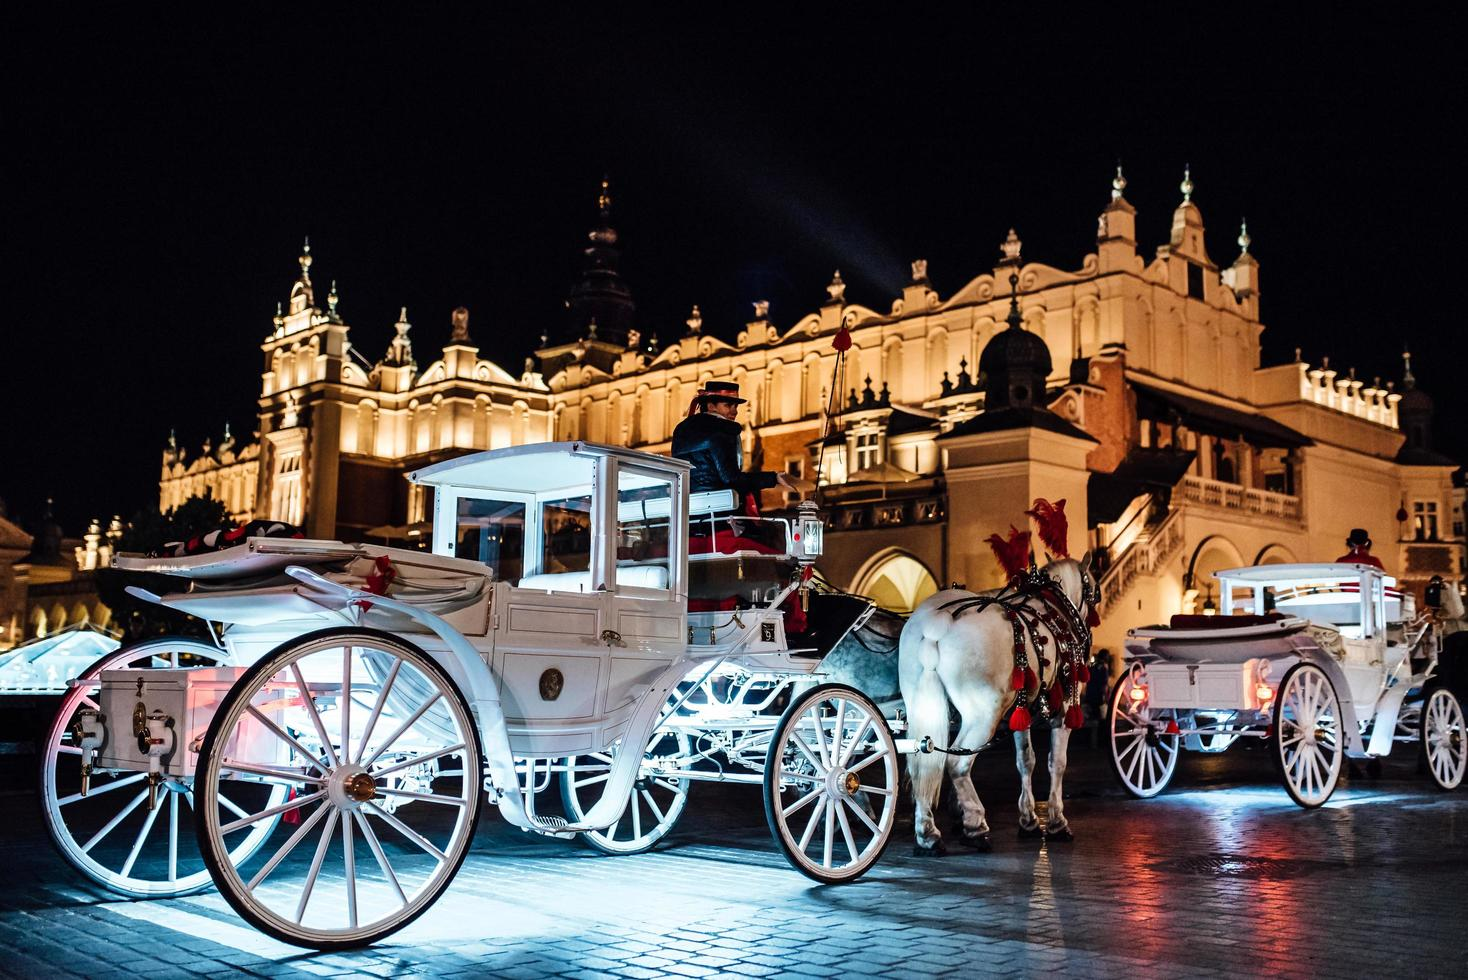 Krakau, Polen 2017- het oude plein van de nacht in Krakau met paardenkoetsen foto